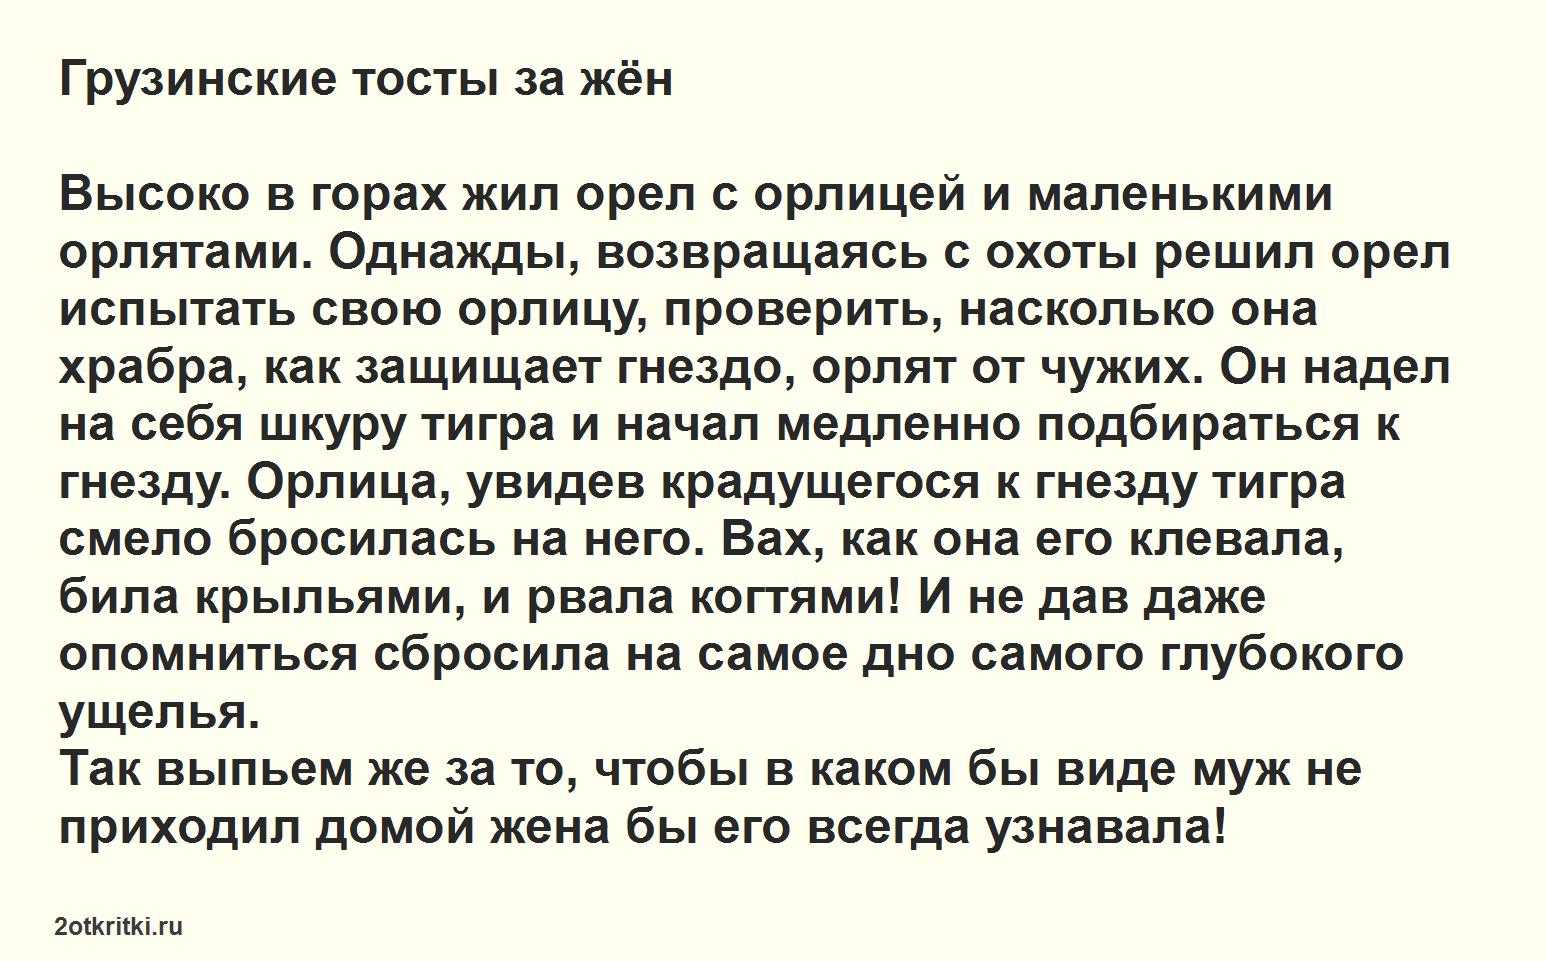 Грузинские тосты за жен